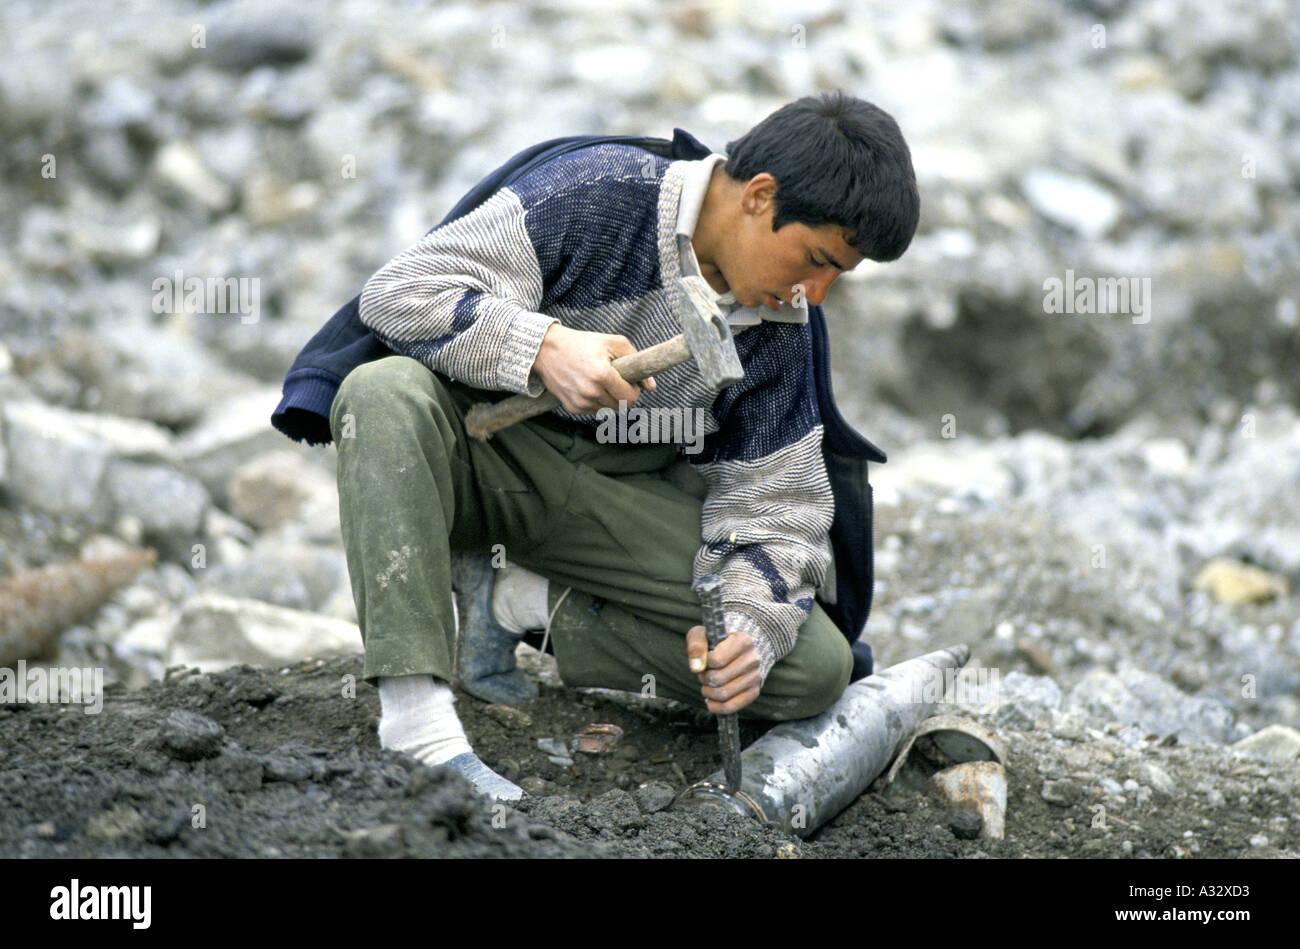 Coup de marteau: un garçon essaie de supprimer le brass band d'une bombe en live, Diyana Printemps, l'Irak Kurdistan. Photo Stock